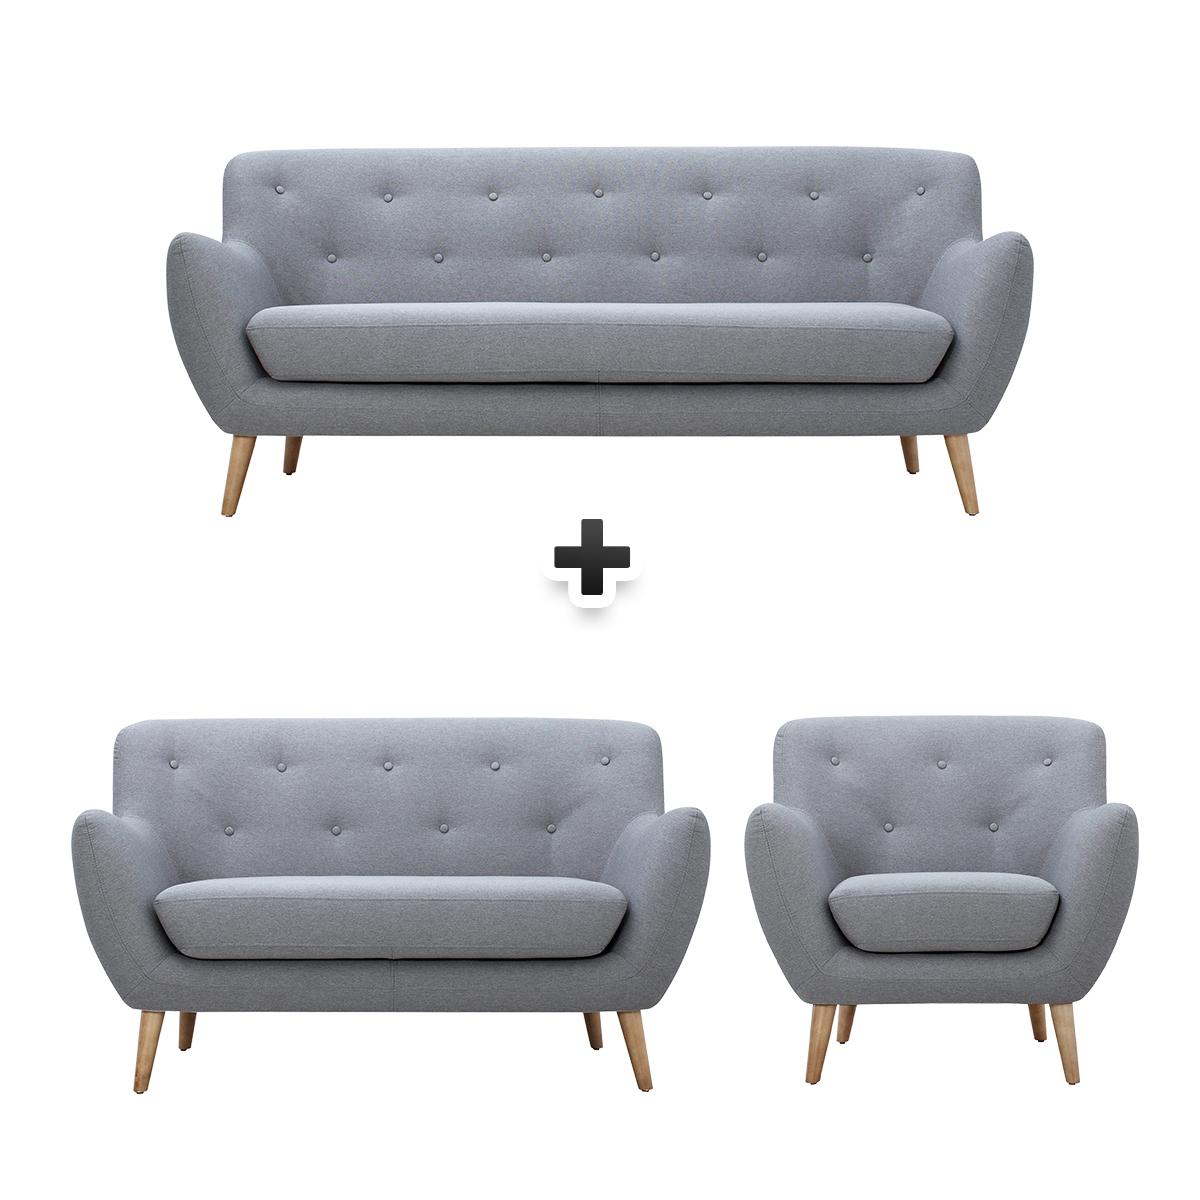 Canapé 3 places + canapé 2 places + fauteuil tissu gris clair MILO